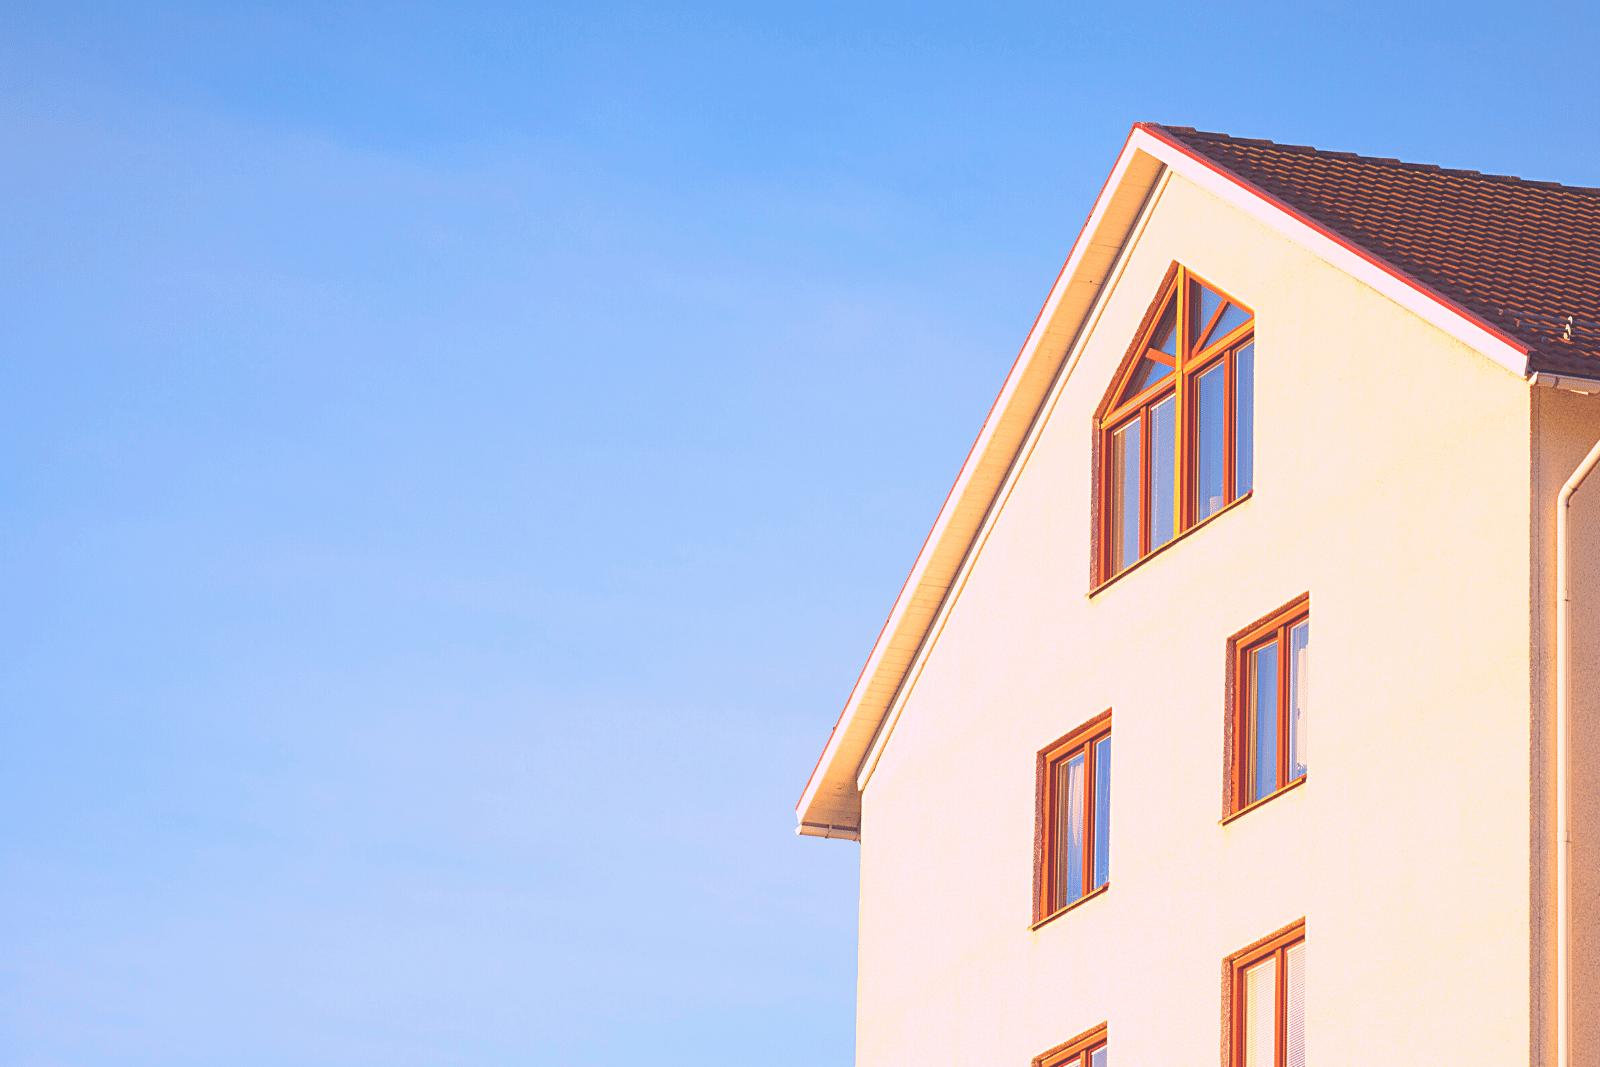 Droit Immobilier : Bilan 2020, ce que nous réserve 2021 !